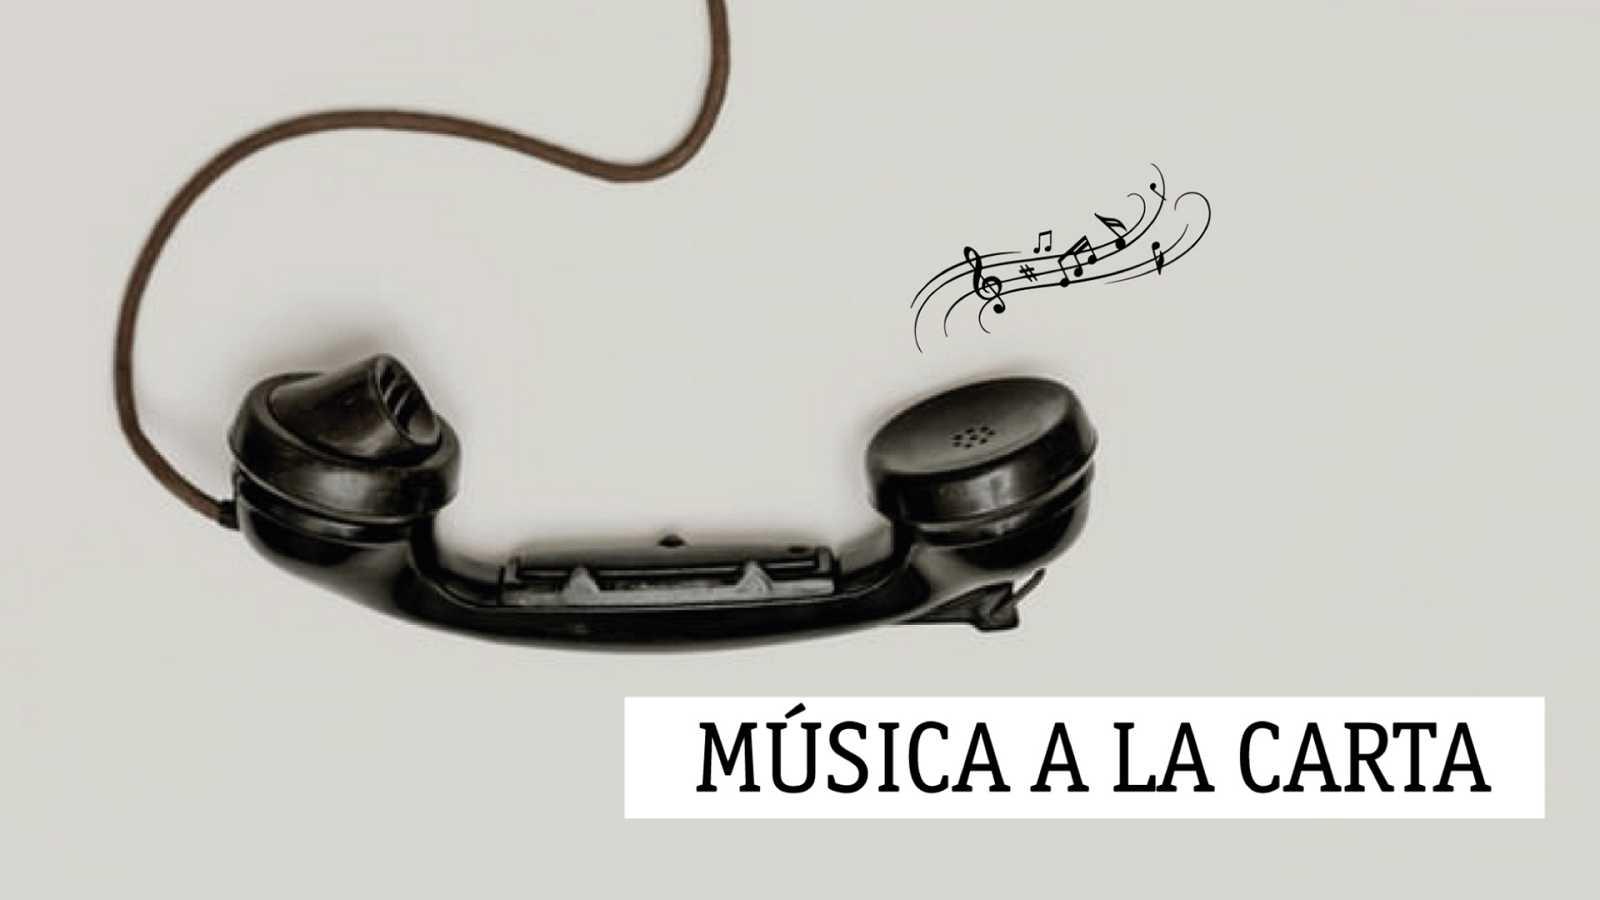 Música a la carta - 07/04/21 - escuchar ahora